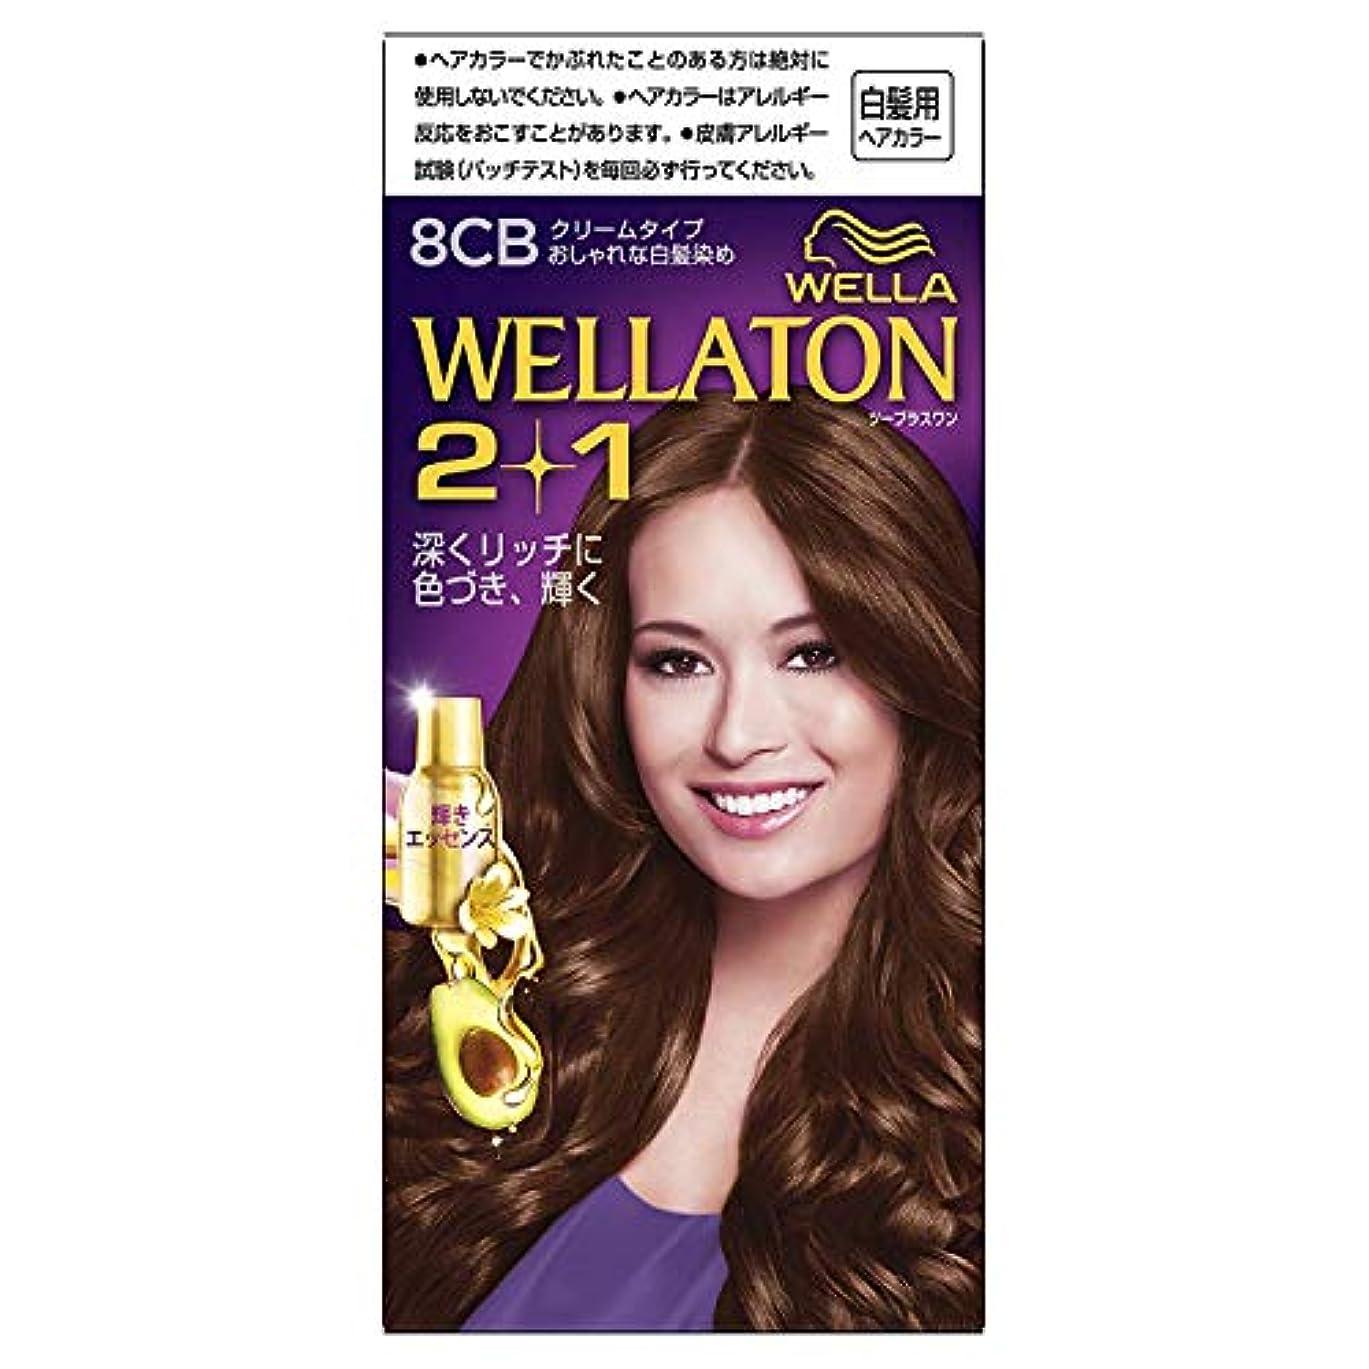 ウエラトーン2+1 クリームタイプ 8CB [医薬部外品] ×6個